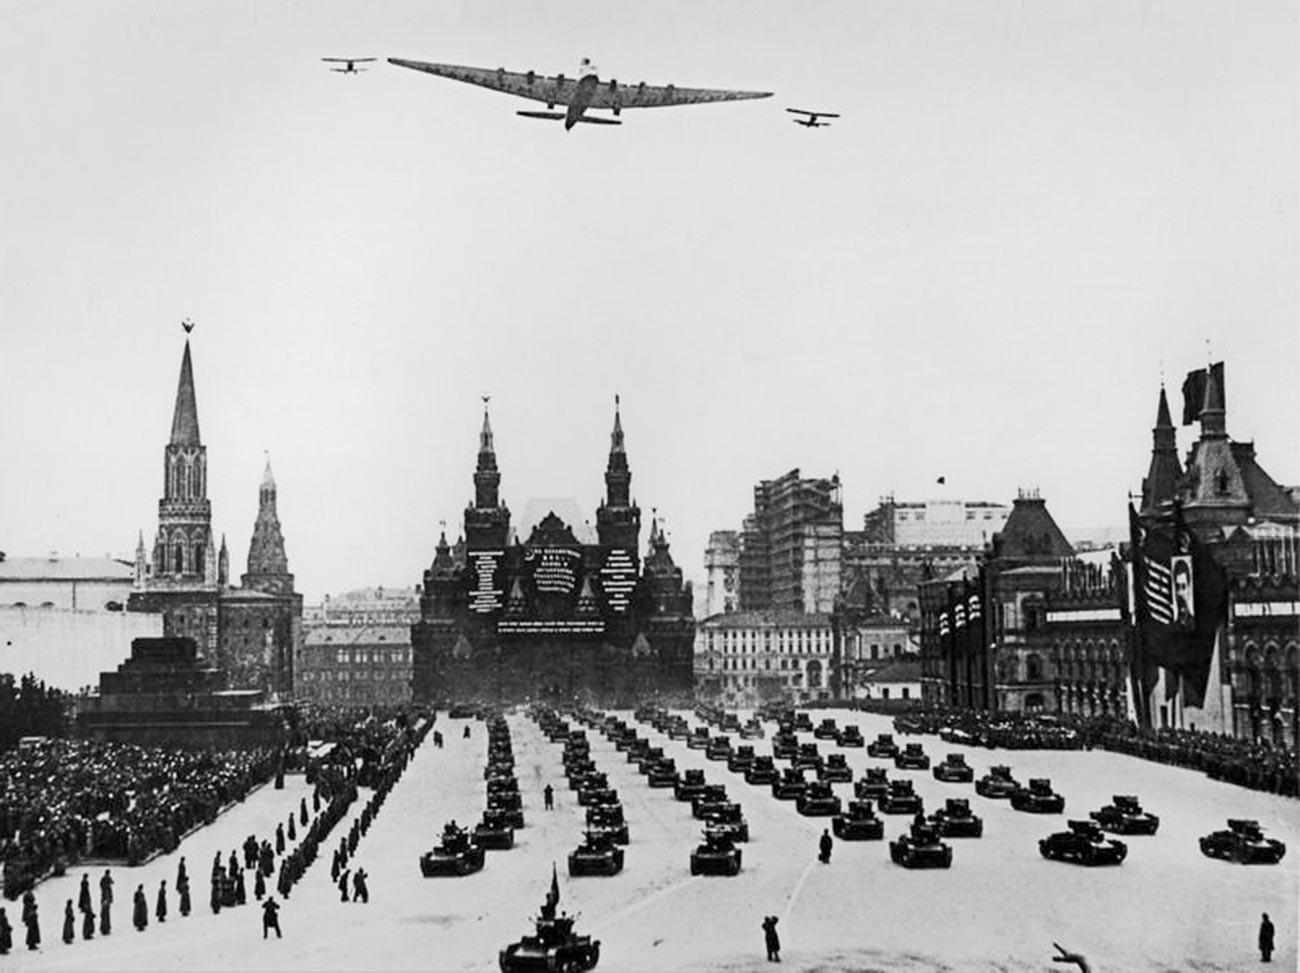 赤の広場の上に飛んでいる「マクシム・ゴーリキー」飛行機